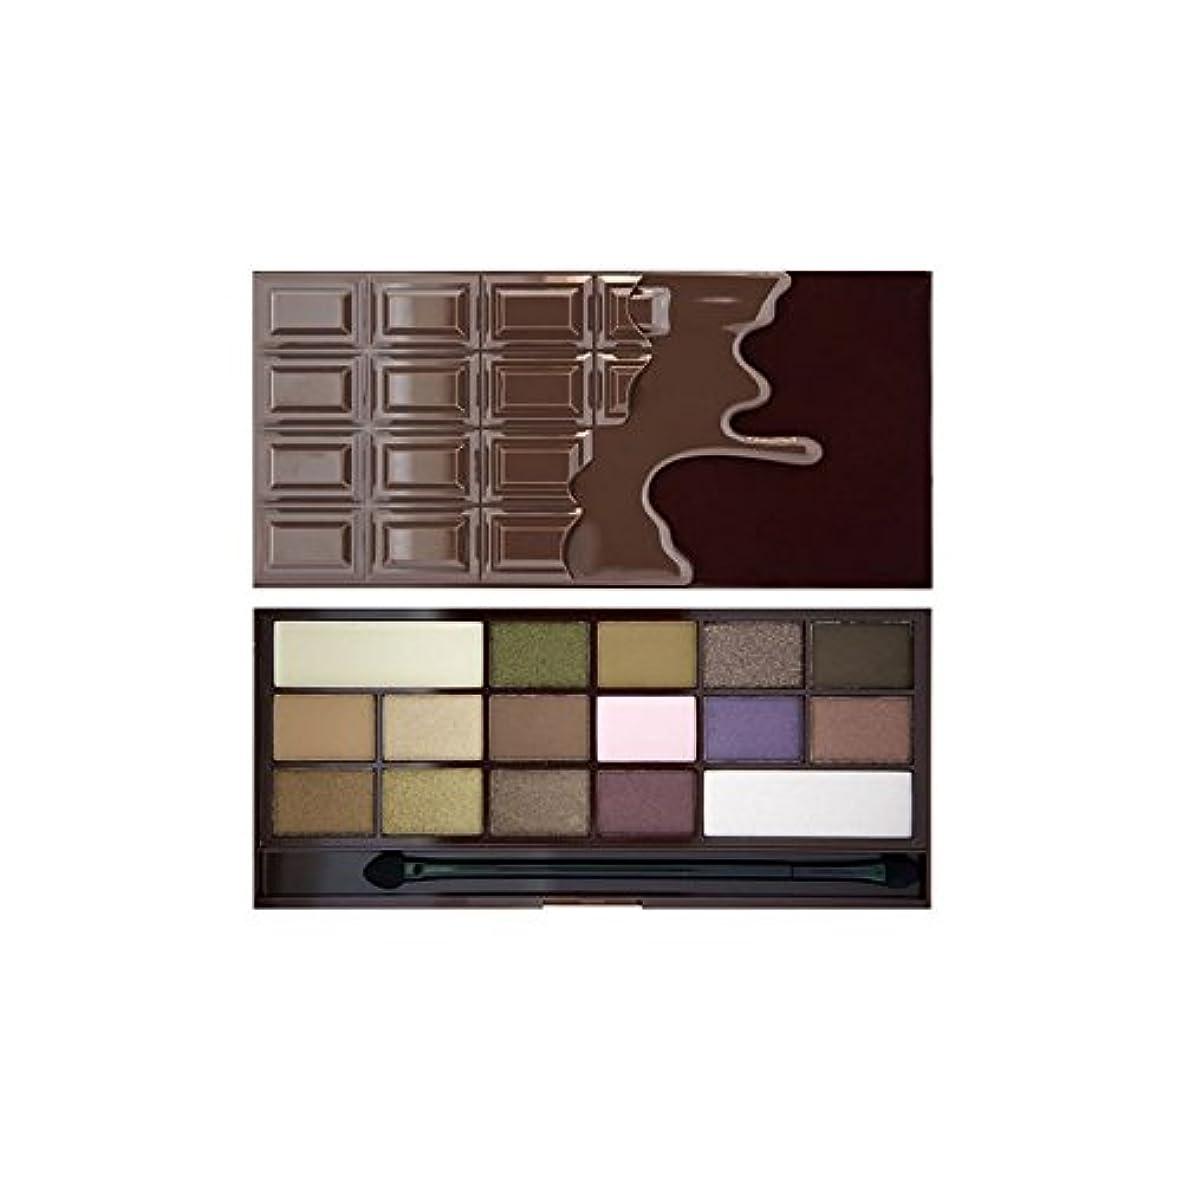 はい飛び込む契約するI Heart Eye Shadow Palette I Heart Chocolate - 私は心のアイシャドウパレットハートチョコレート [並行輸入品]